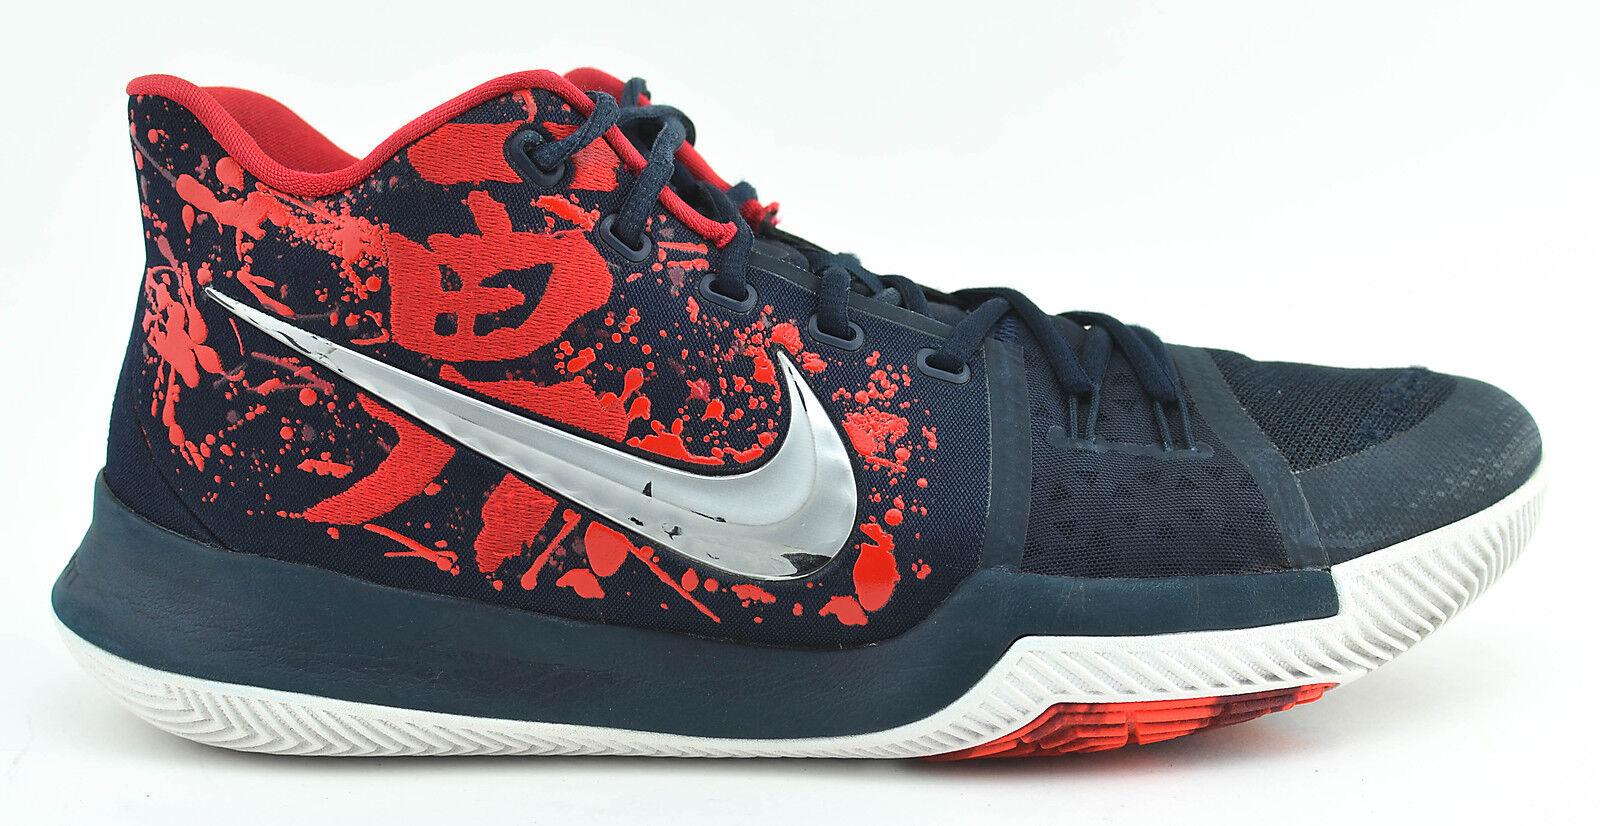 Hombre nike Kyrie 3 samurai samurai samurai QS Navidad basketball Zapatos Talla 12 US 852395 900 casual salvaje 0edc7d